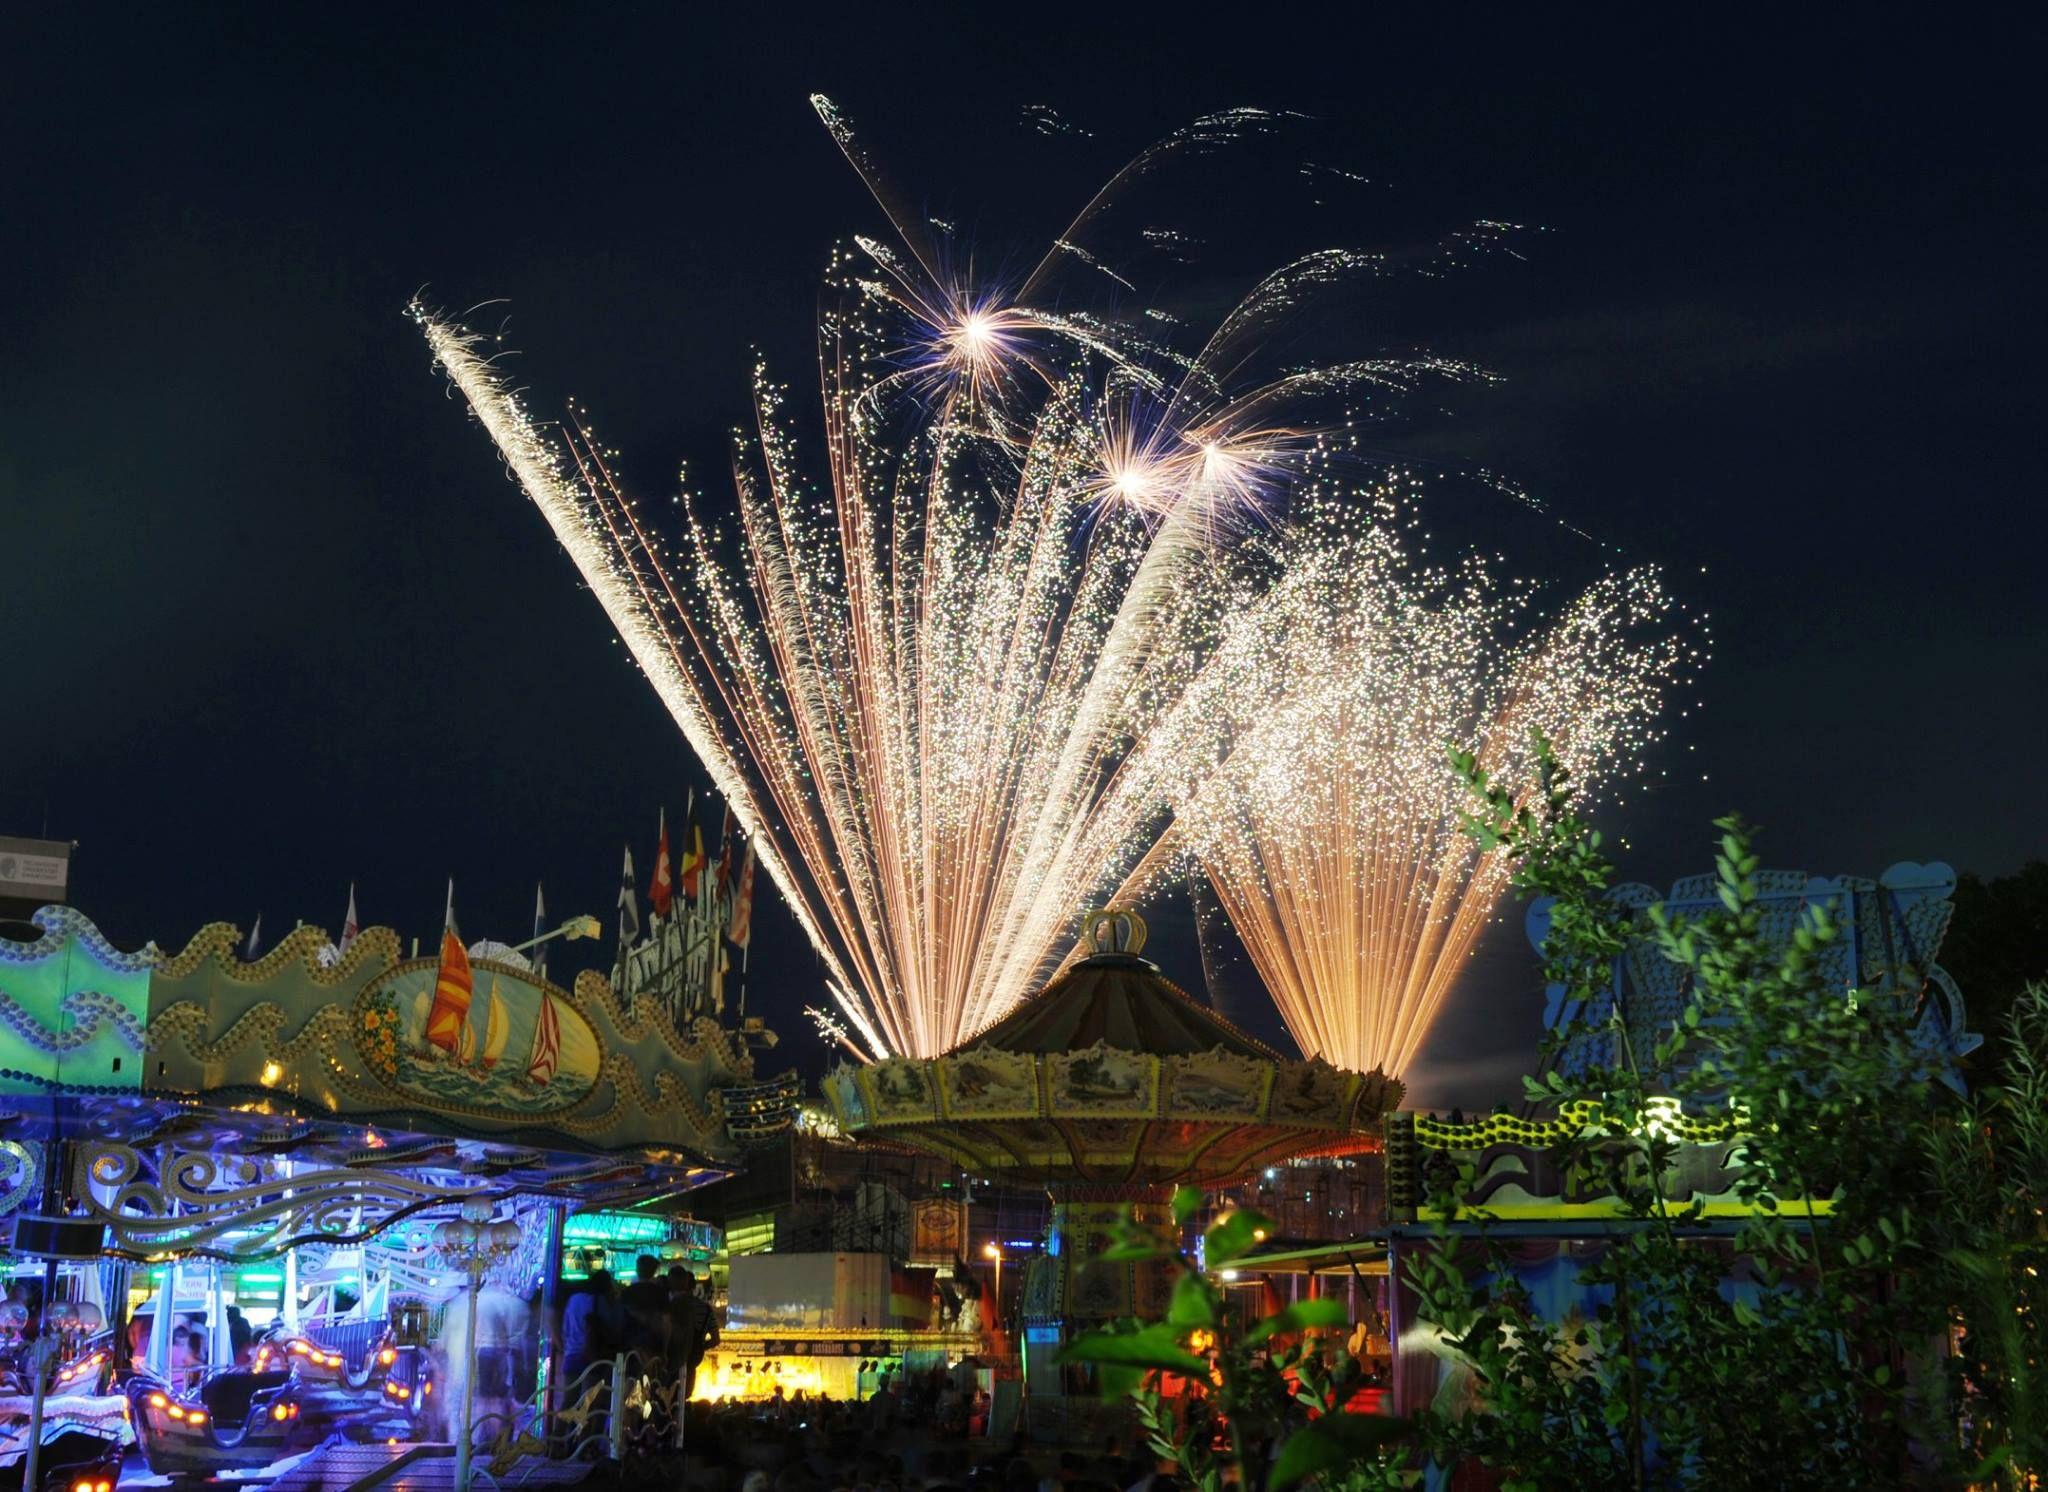 Marvelous Wenn doch das Heinerfest Feuerwerk wieder im Herrngarten w re